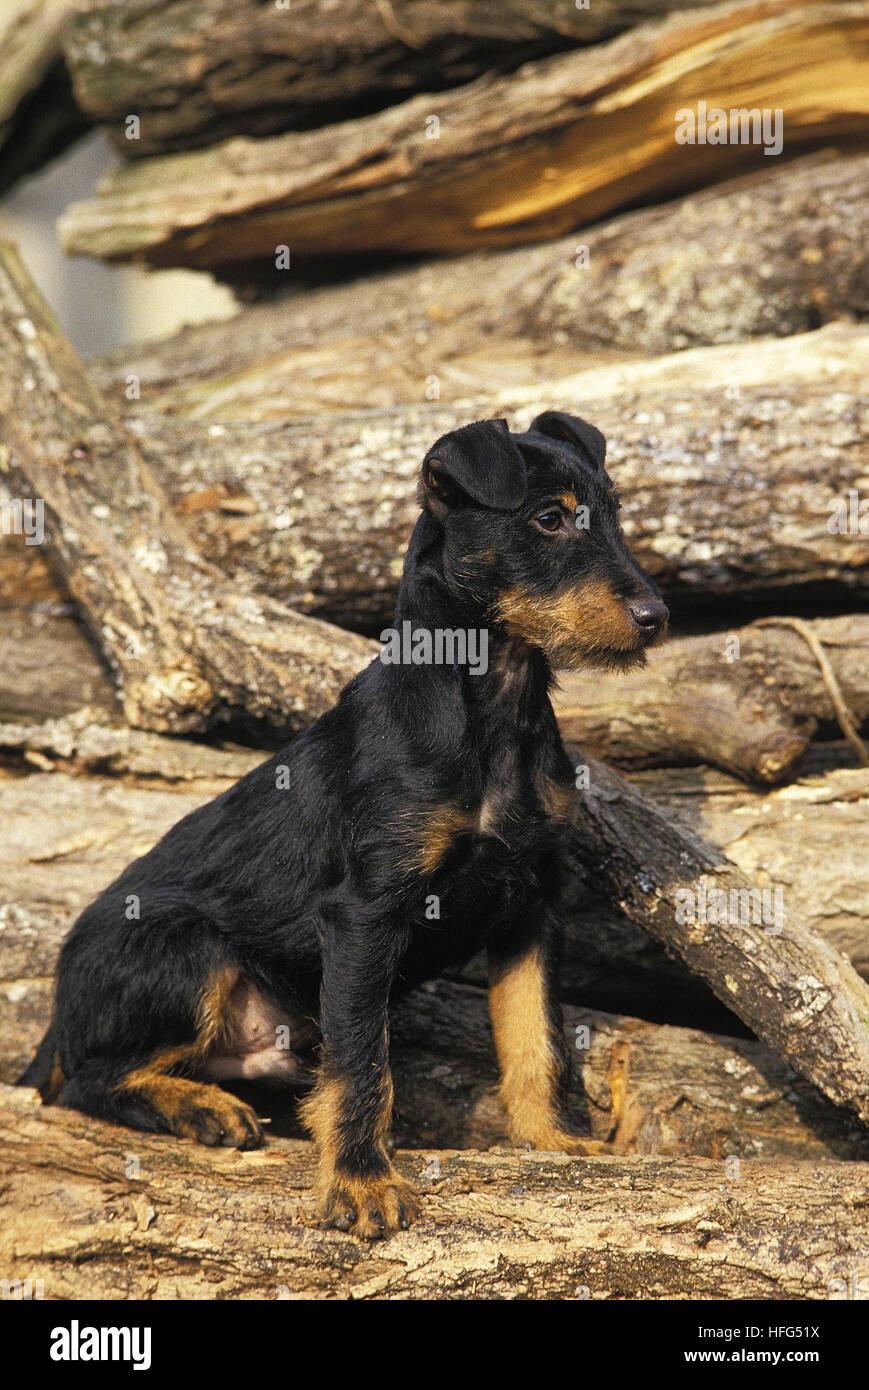 Jagd Terrier or German Hunting Terrier, Adult - Stock Image